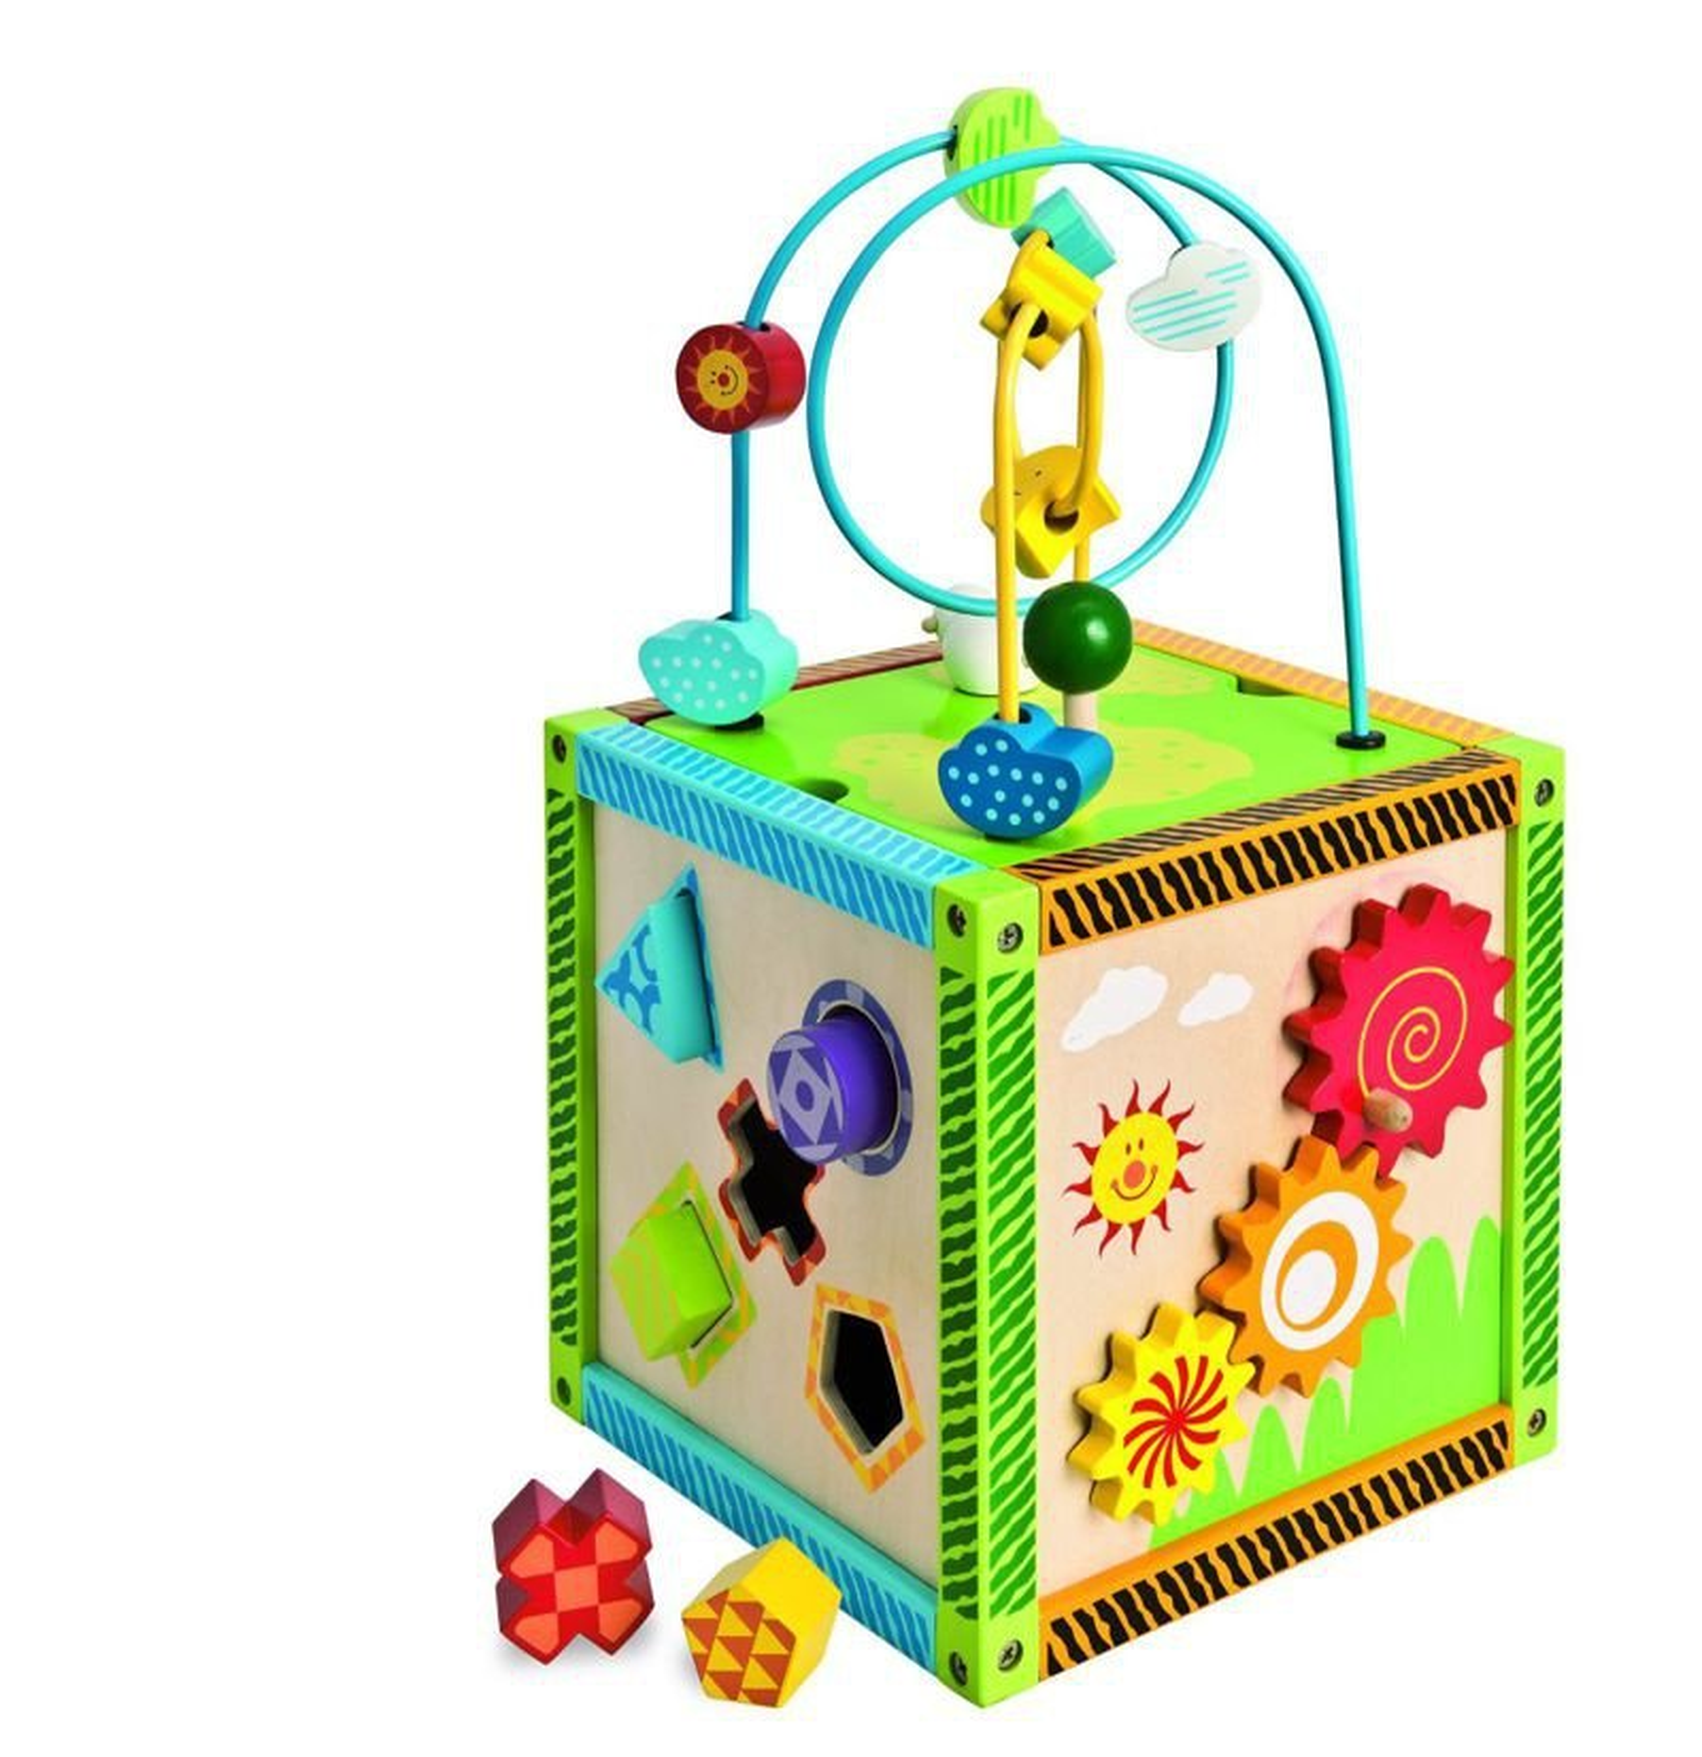 Eichhorn 100002235 Drewniana kostka edukacyjna  Zabawki   -> Eichhorn Kuchnia Dla Dzieci